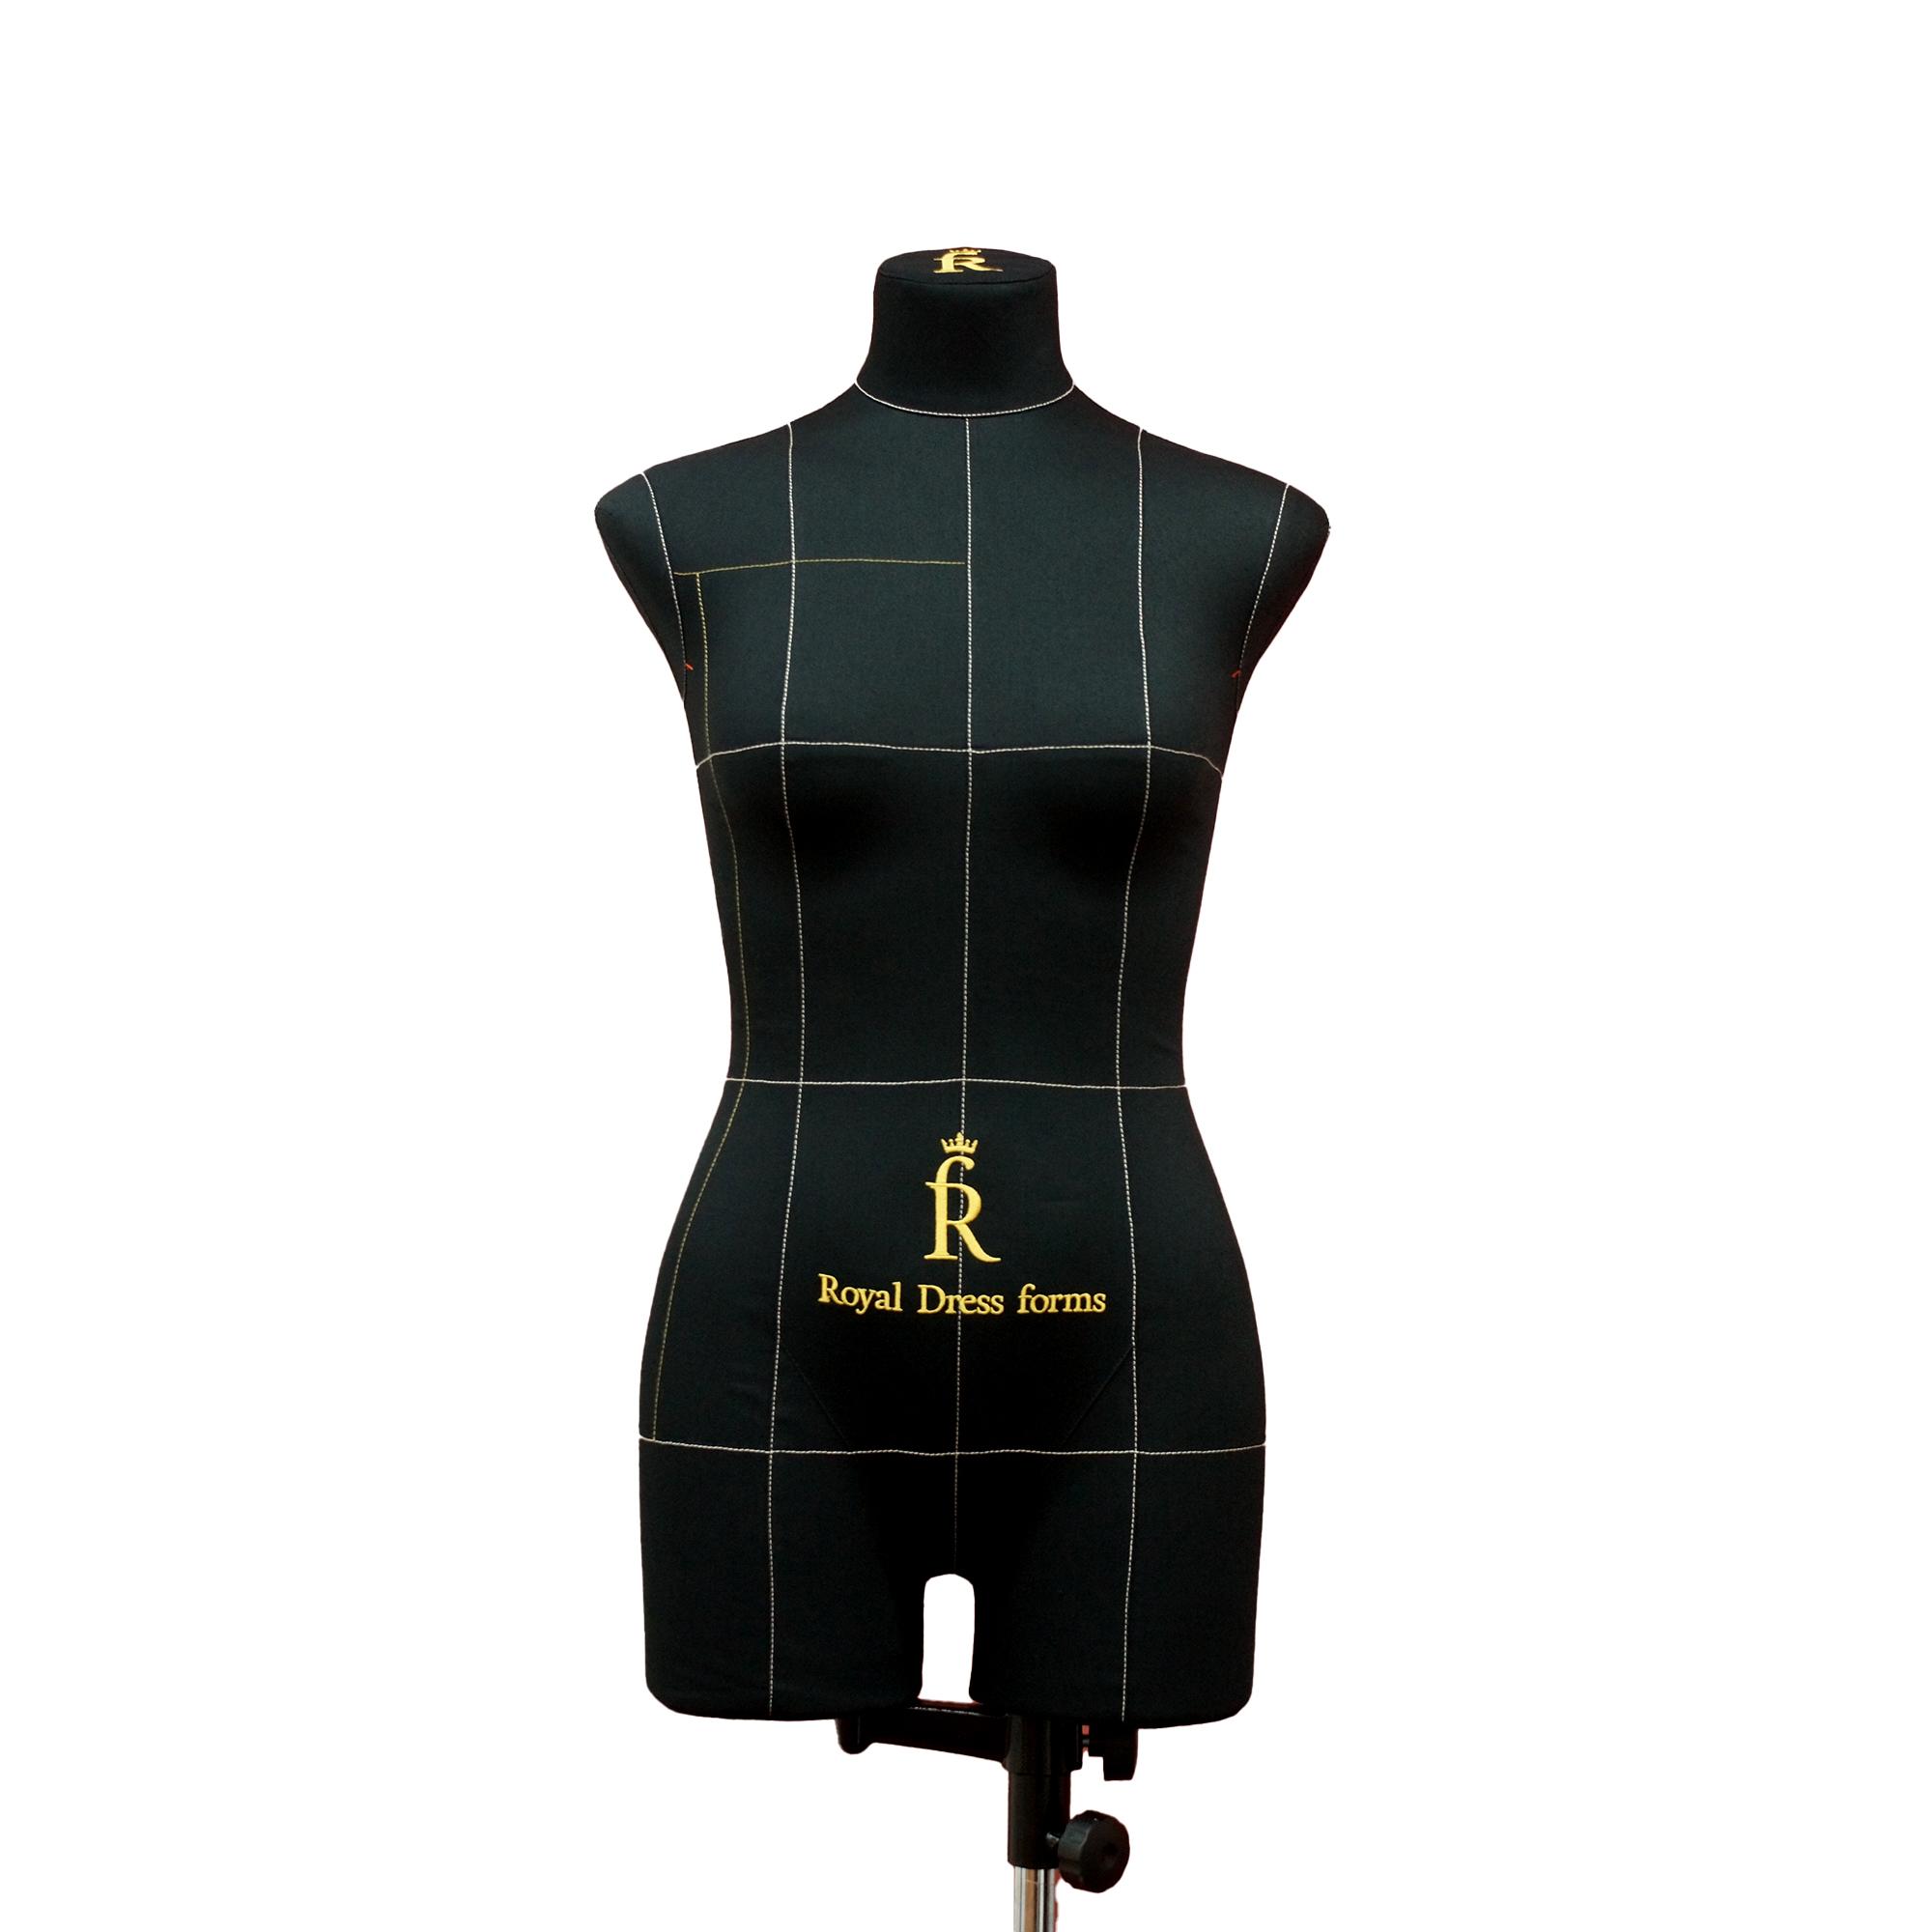 Манекен портновский Моника, комплект Премиум, размер 44, тип фигуры Прямоугольник, черный